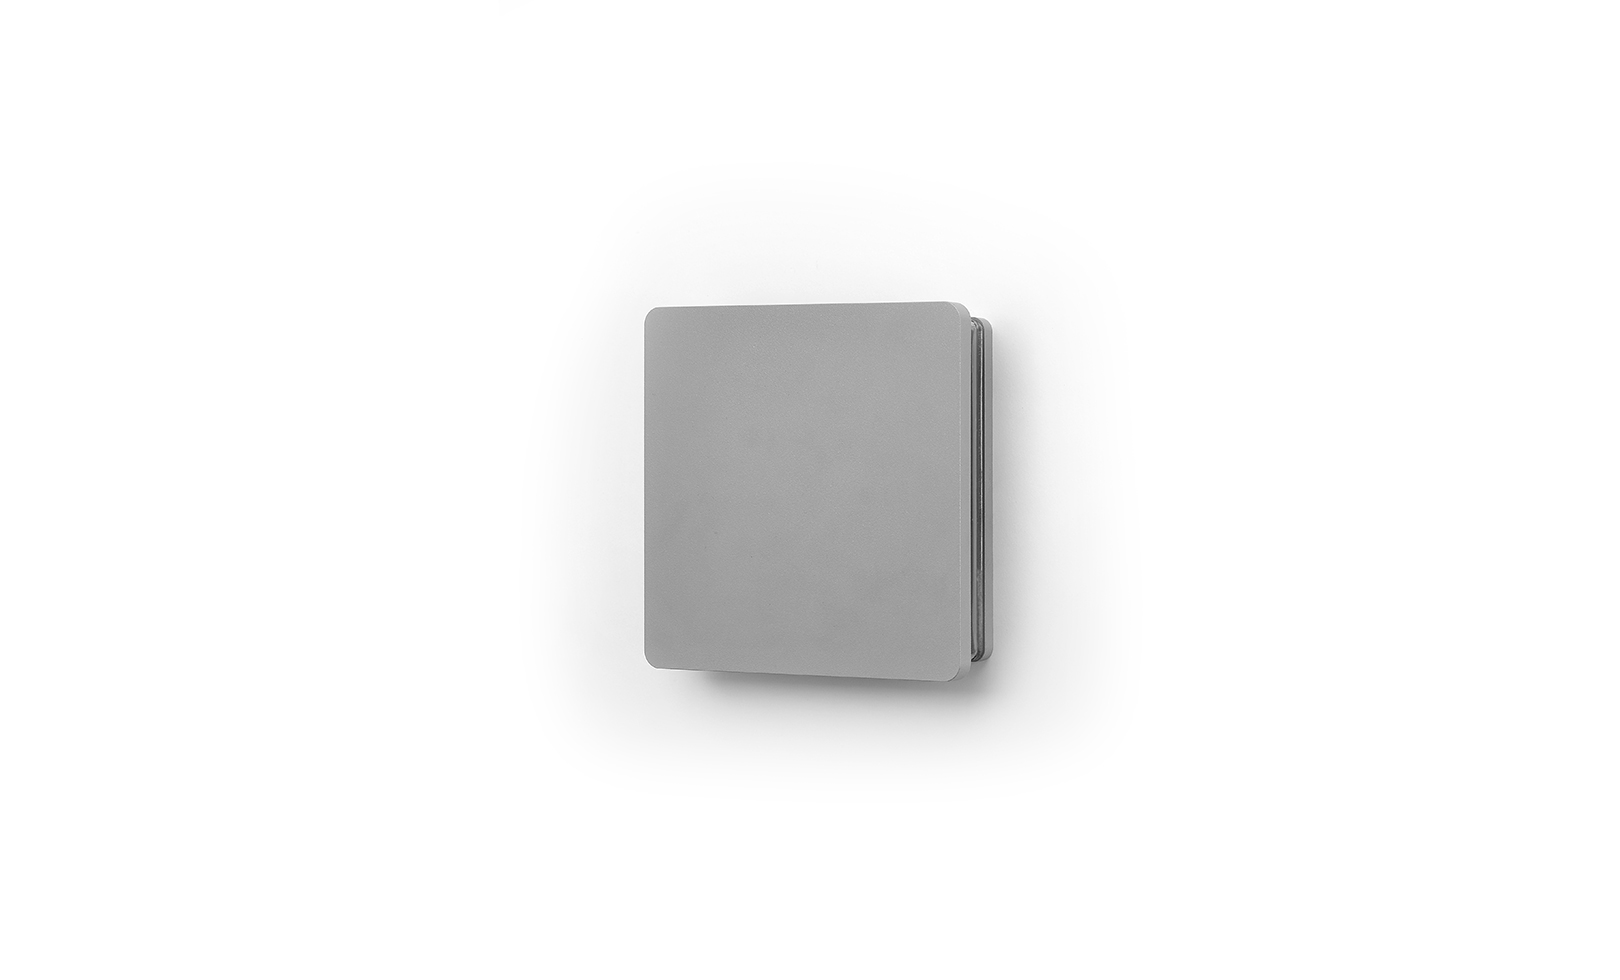 401708 ECLIPSE MEDIUM SQUARE 02 LED 19W 2